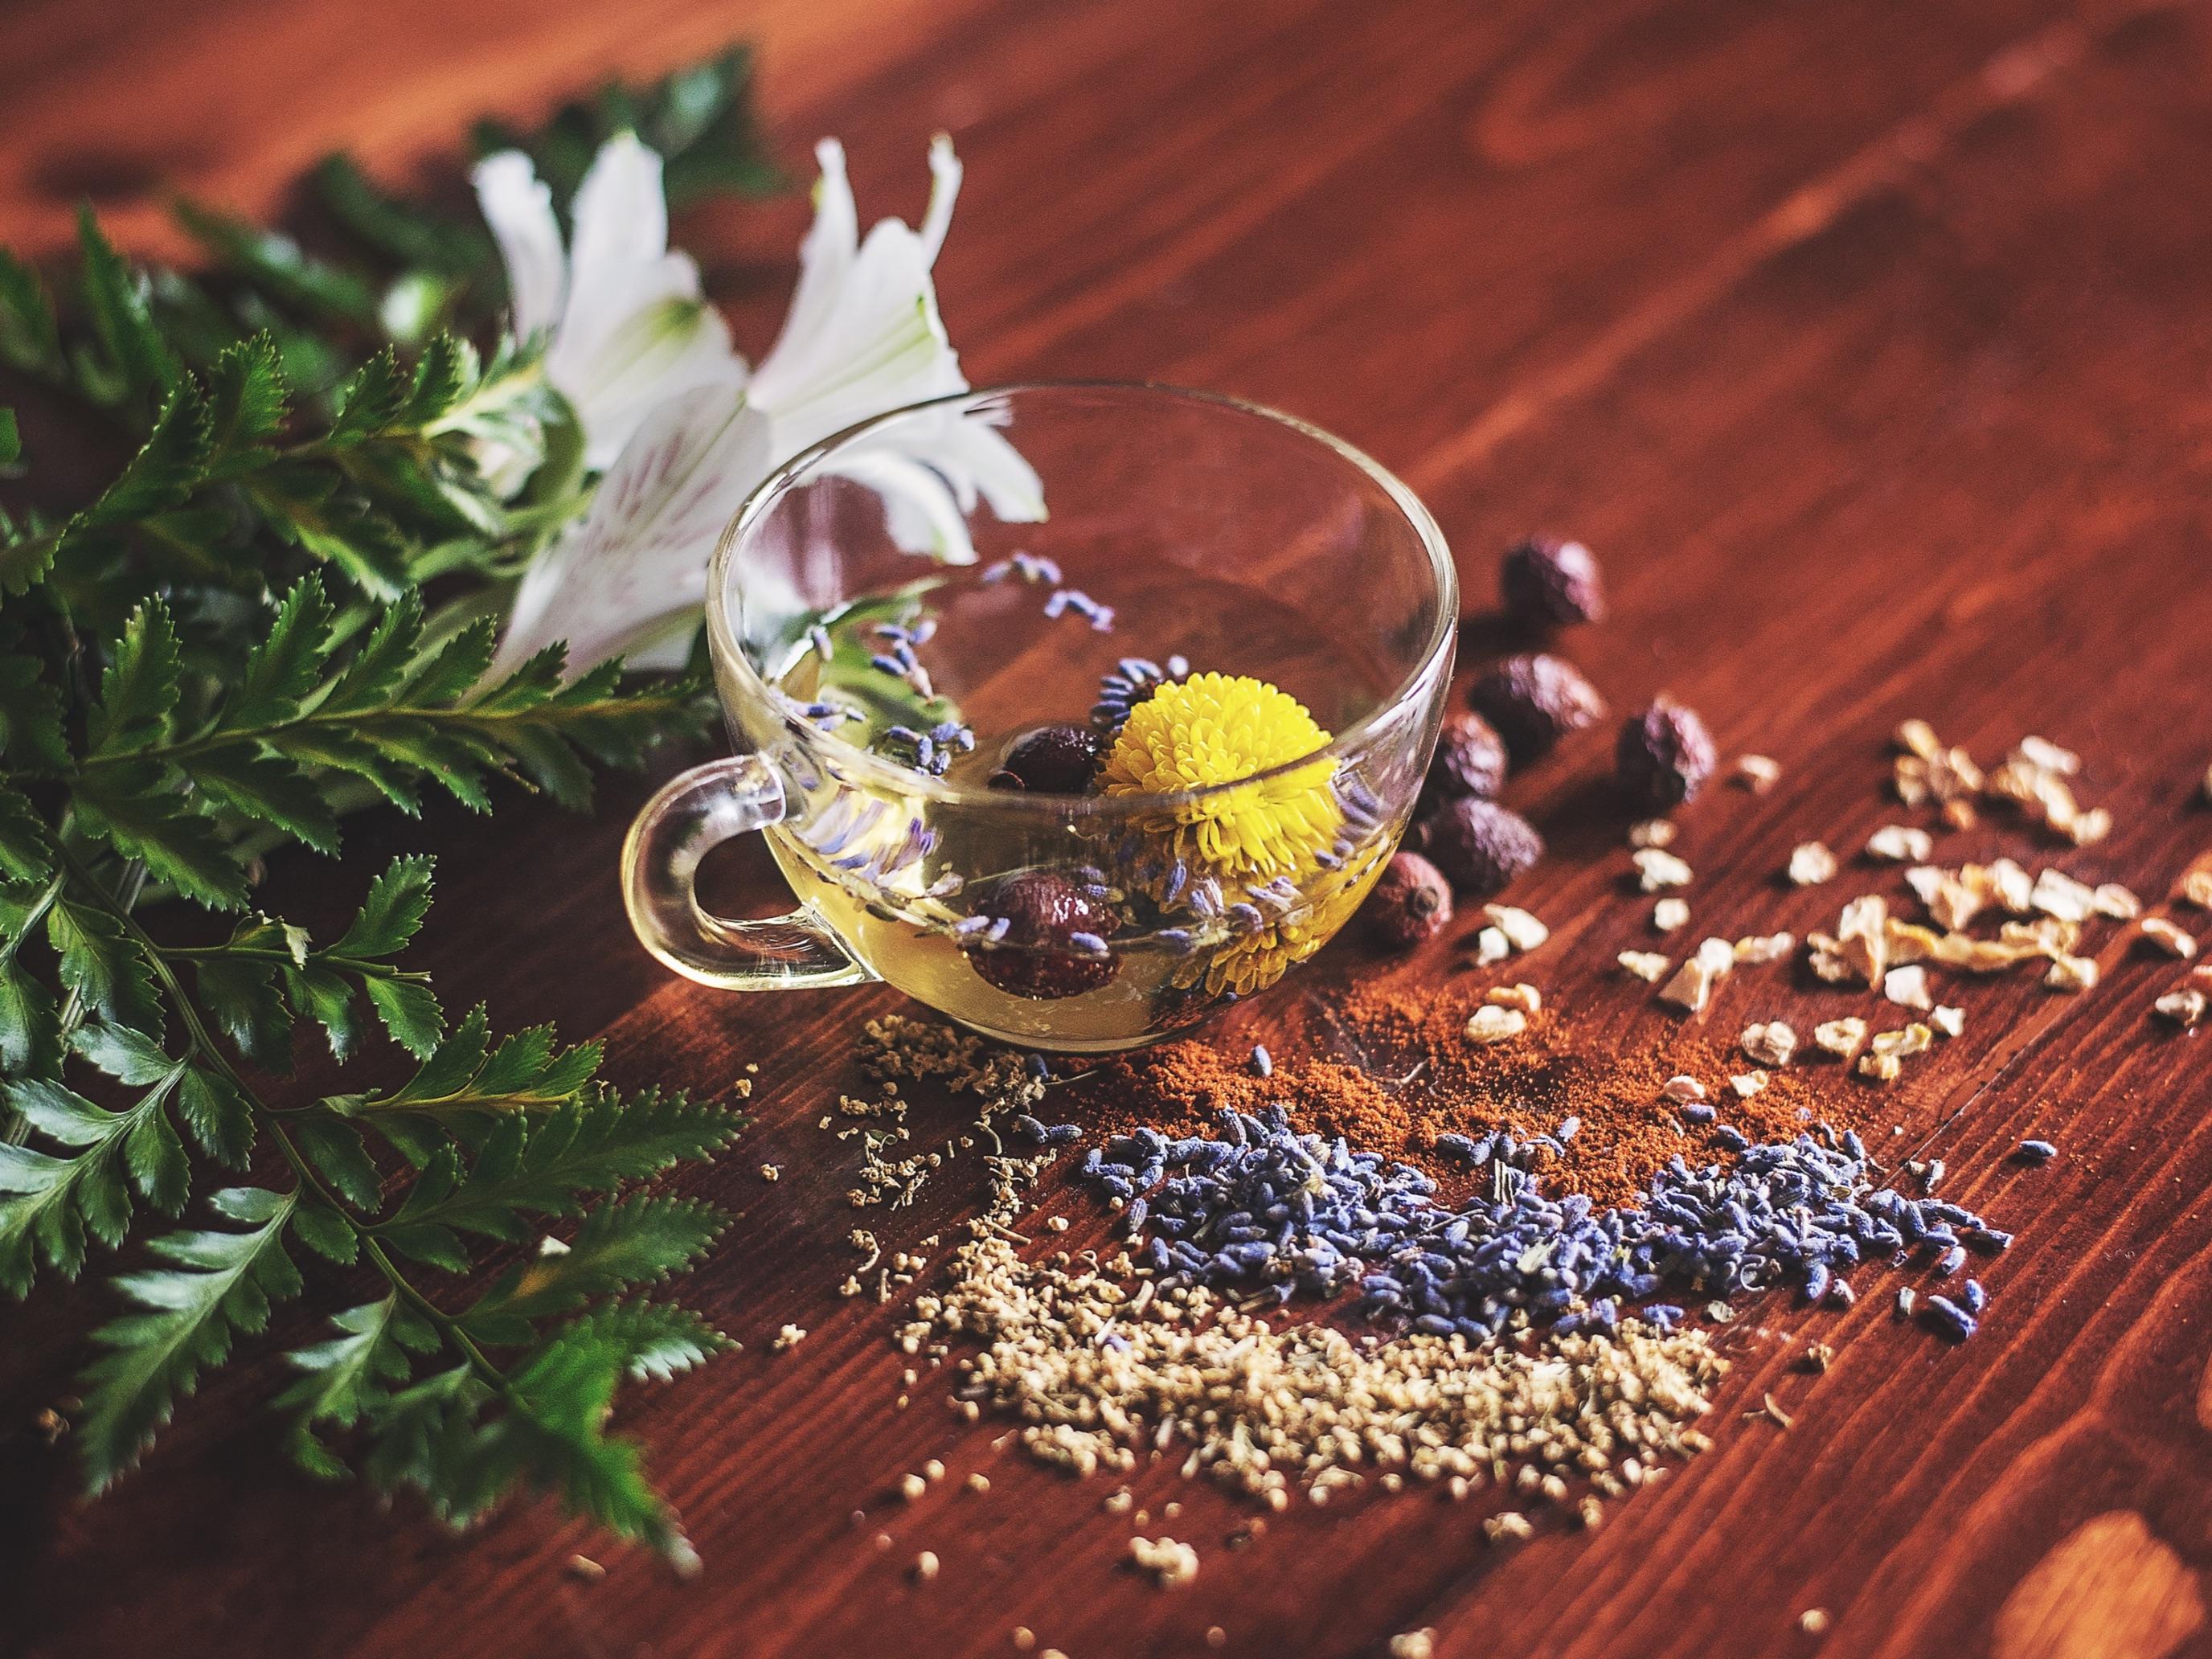 The herbal tea has healing effect on human bodies. Image credit: Lisa Hobbs/ Unsplash